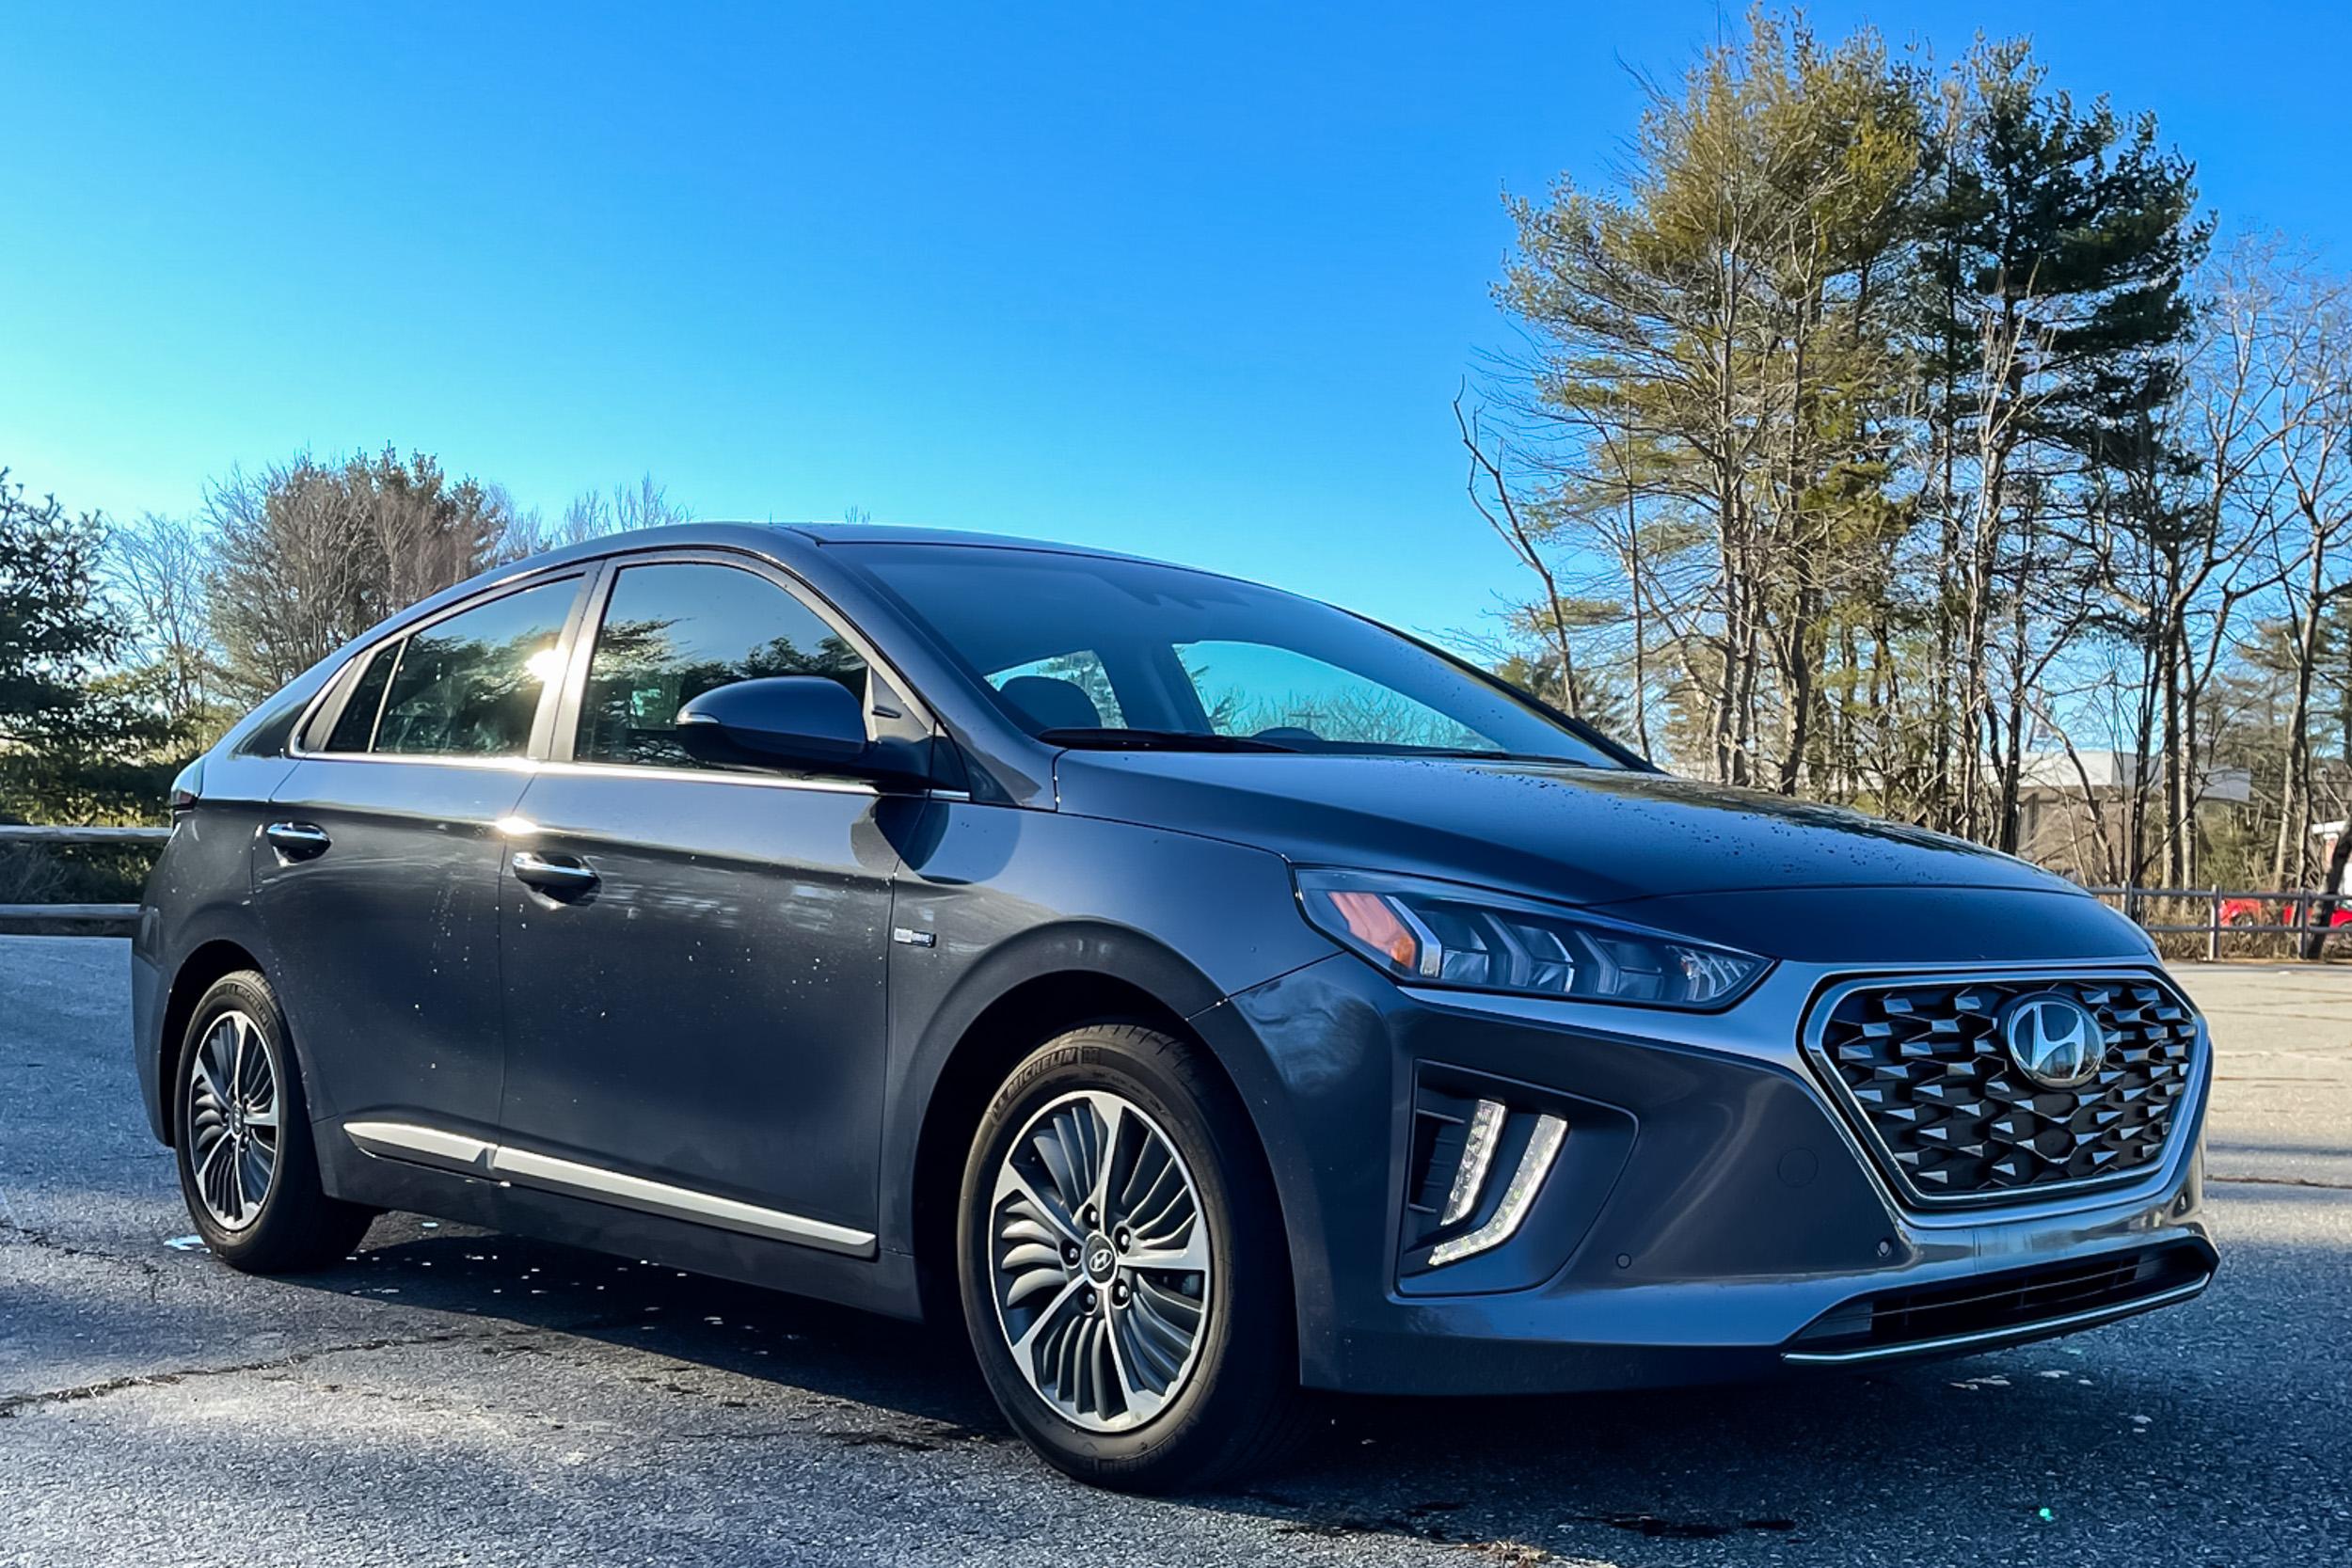 2021 Hyundai Ioniq PHEV Limited